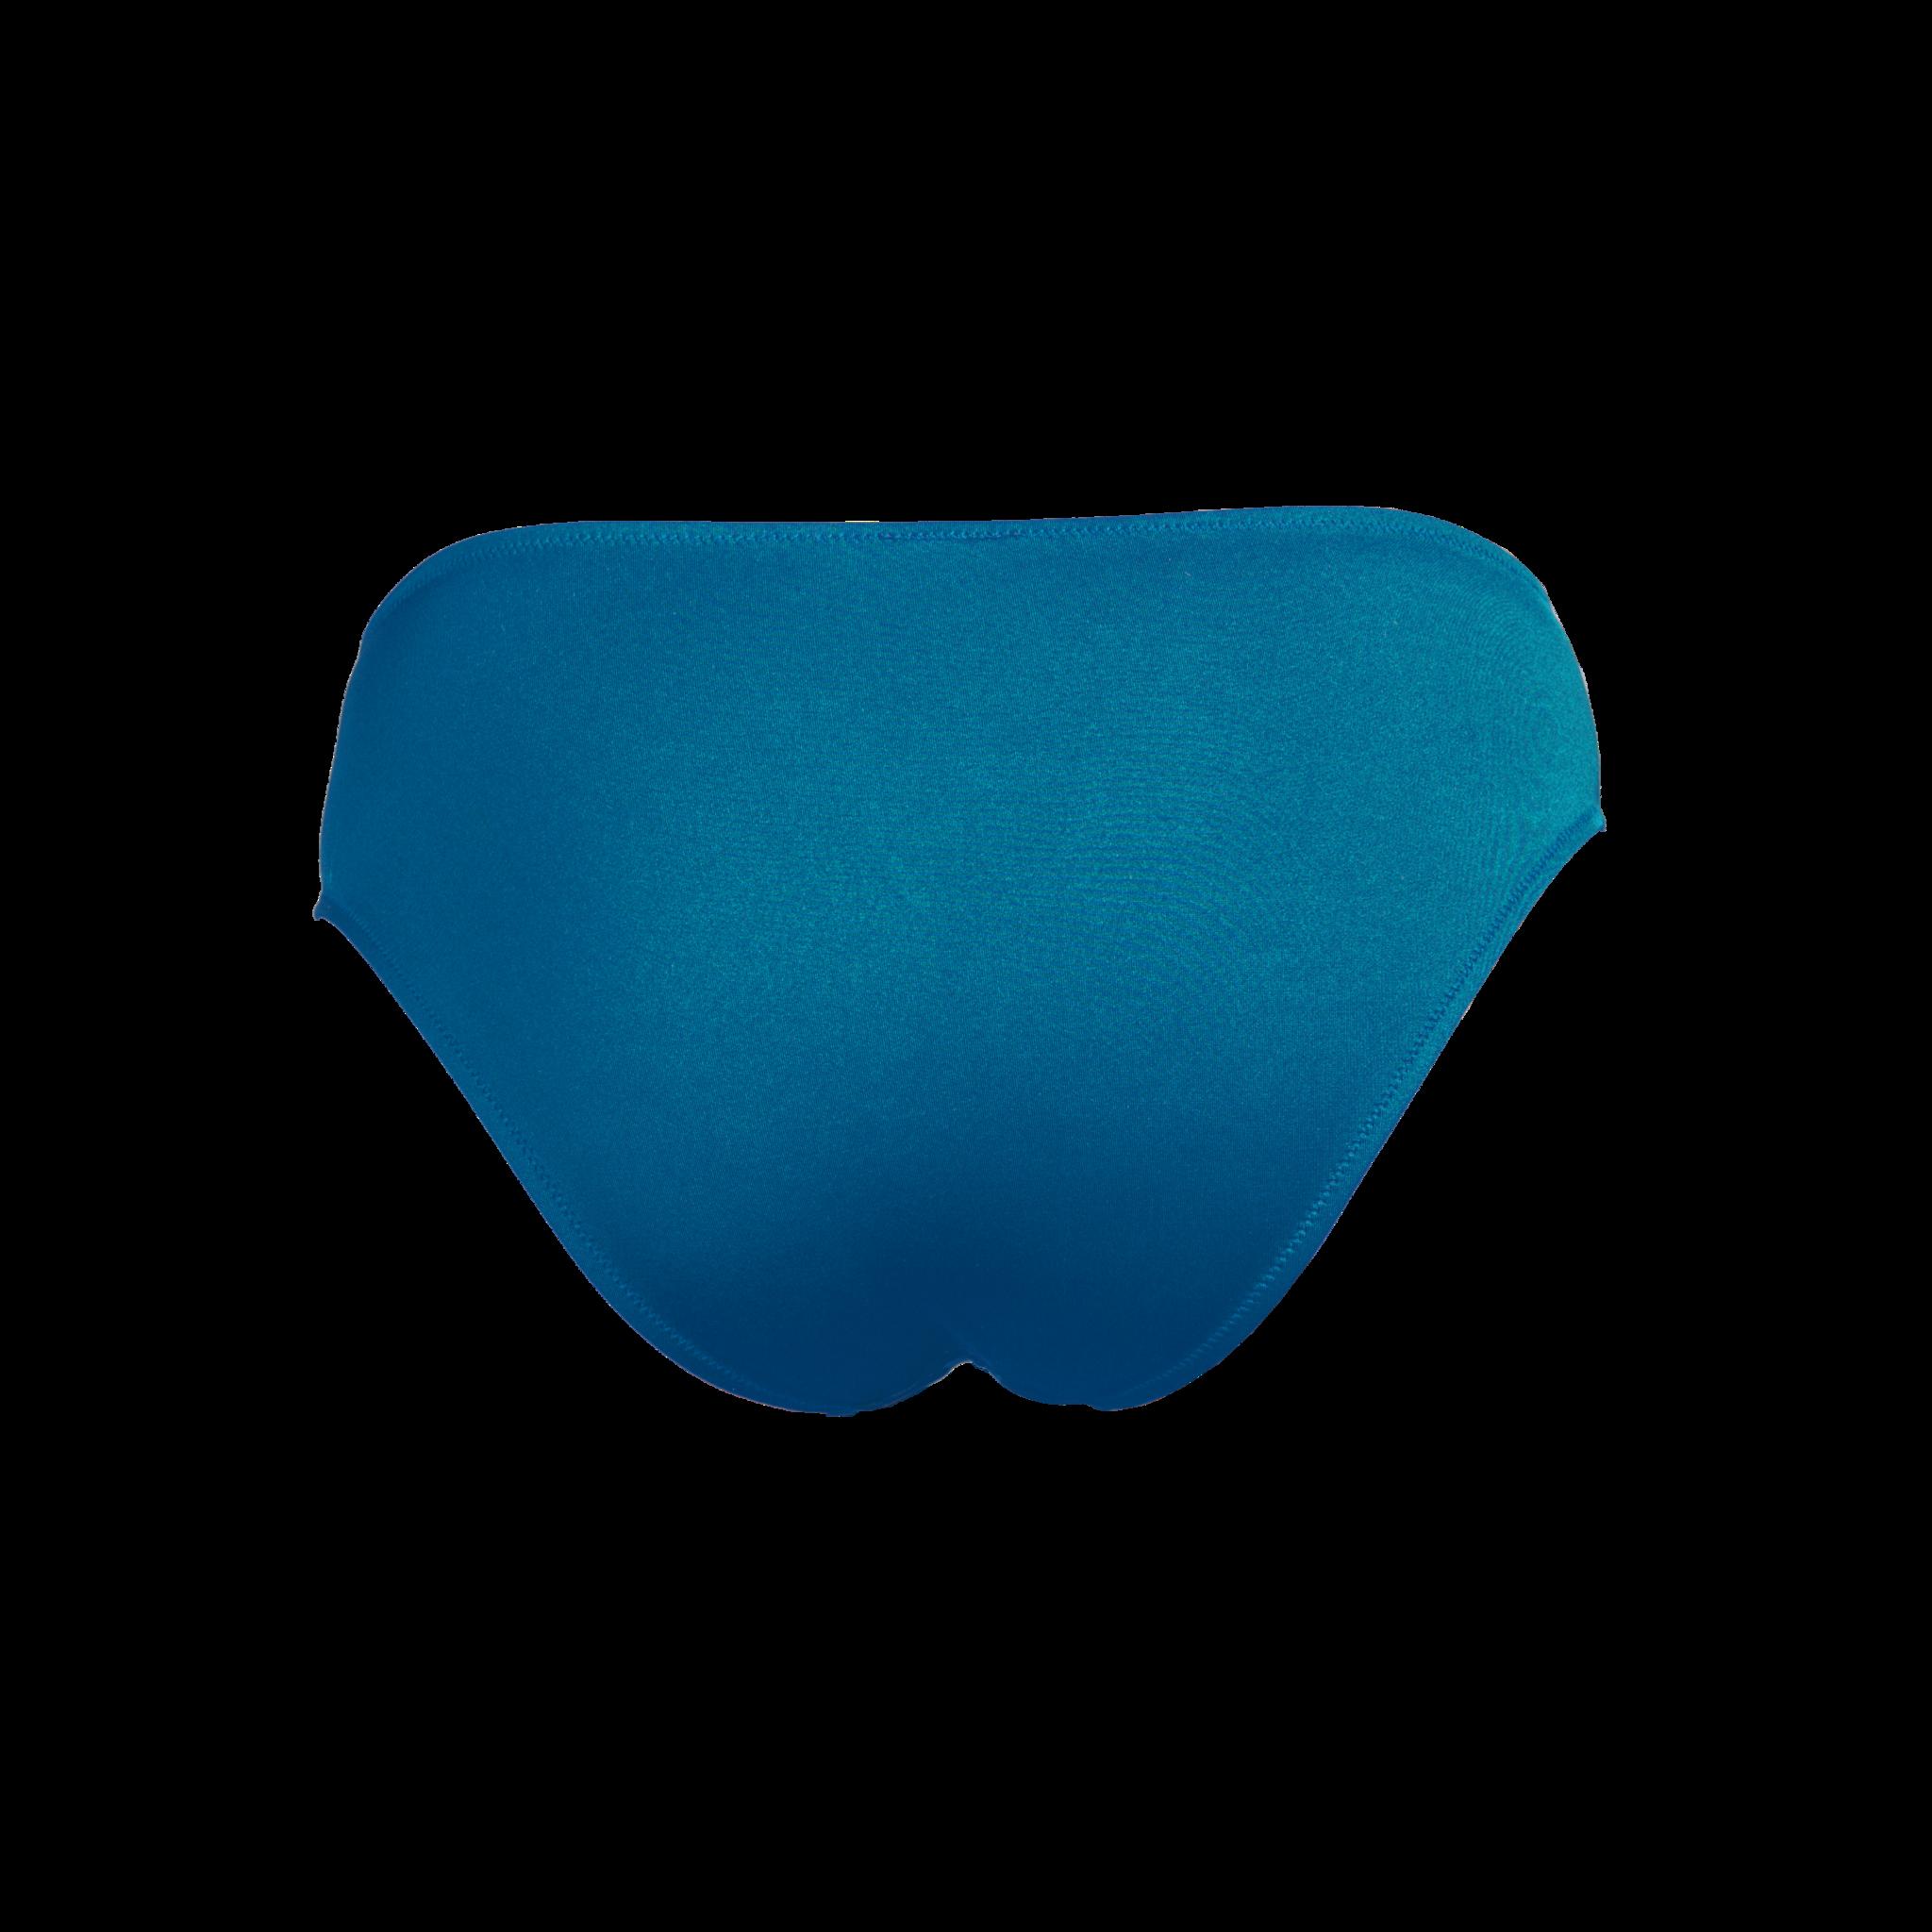 480130 Трусы купальные жен. морская волна